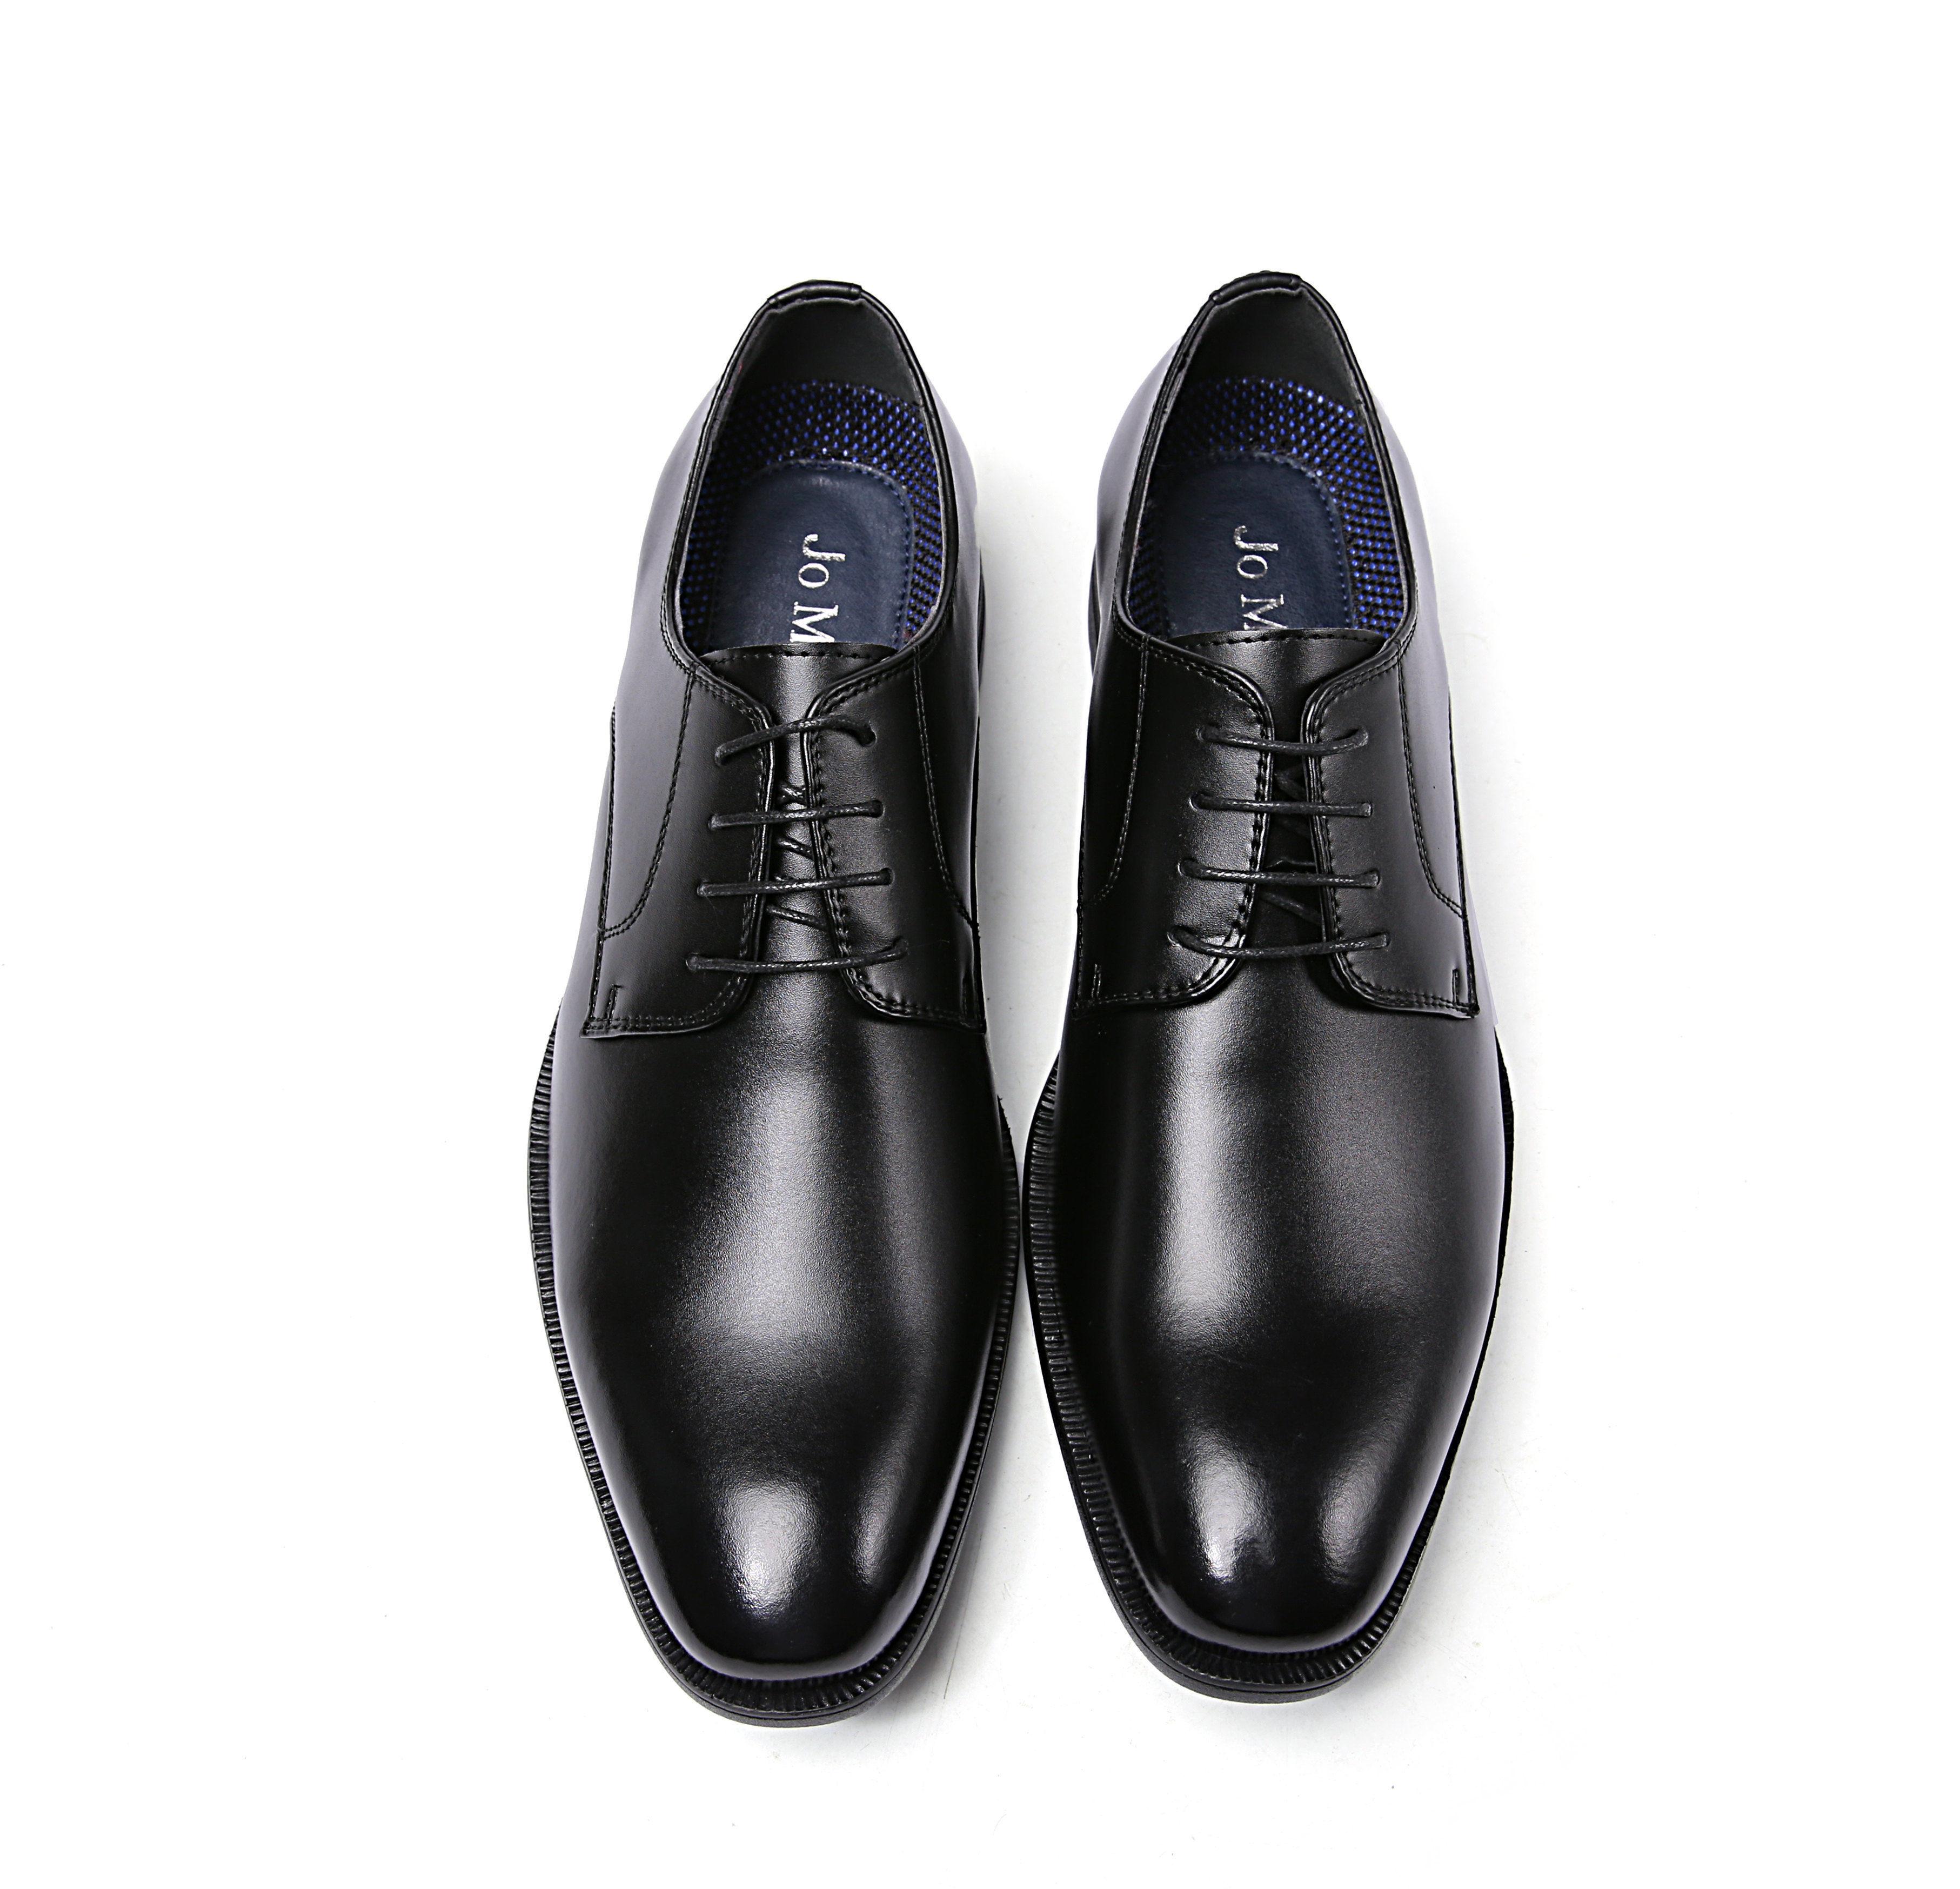 【Jo Marino】高品質 本革 メンズ ビジネス レザーシューズ 革靴 紳士靴 通気性 空気循環 消臭 衝撃吸収 幅広 軽量 7711-BLACK